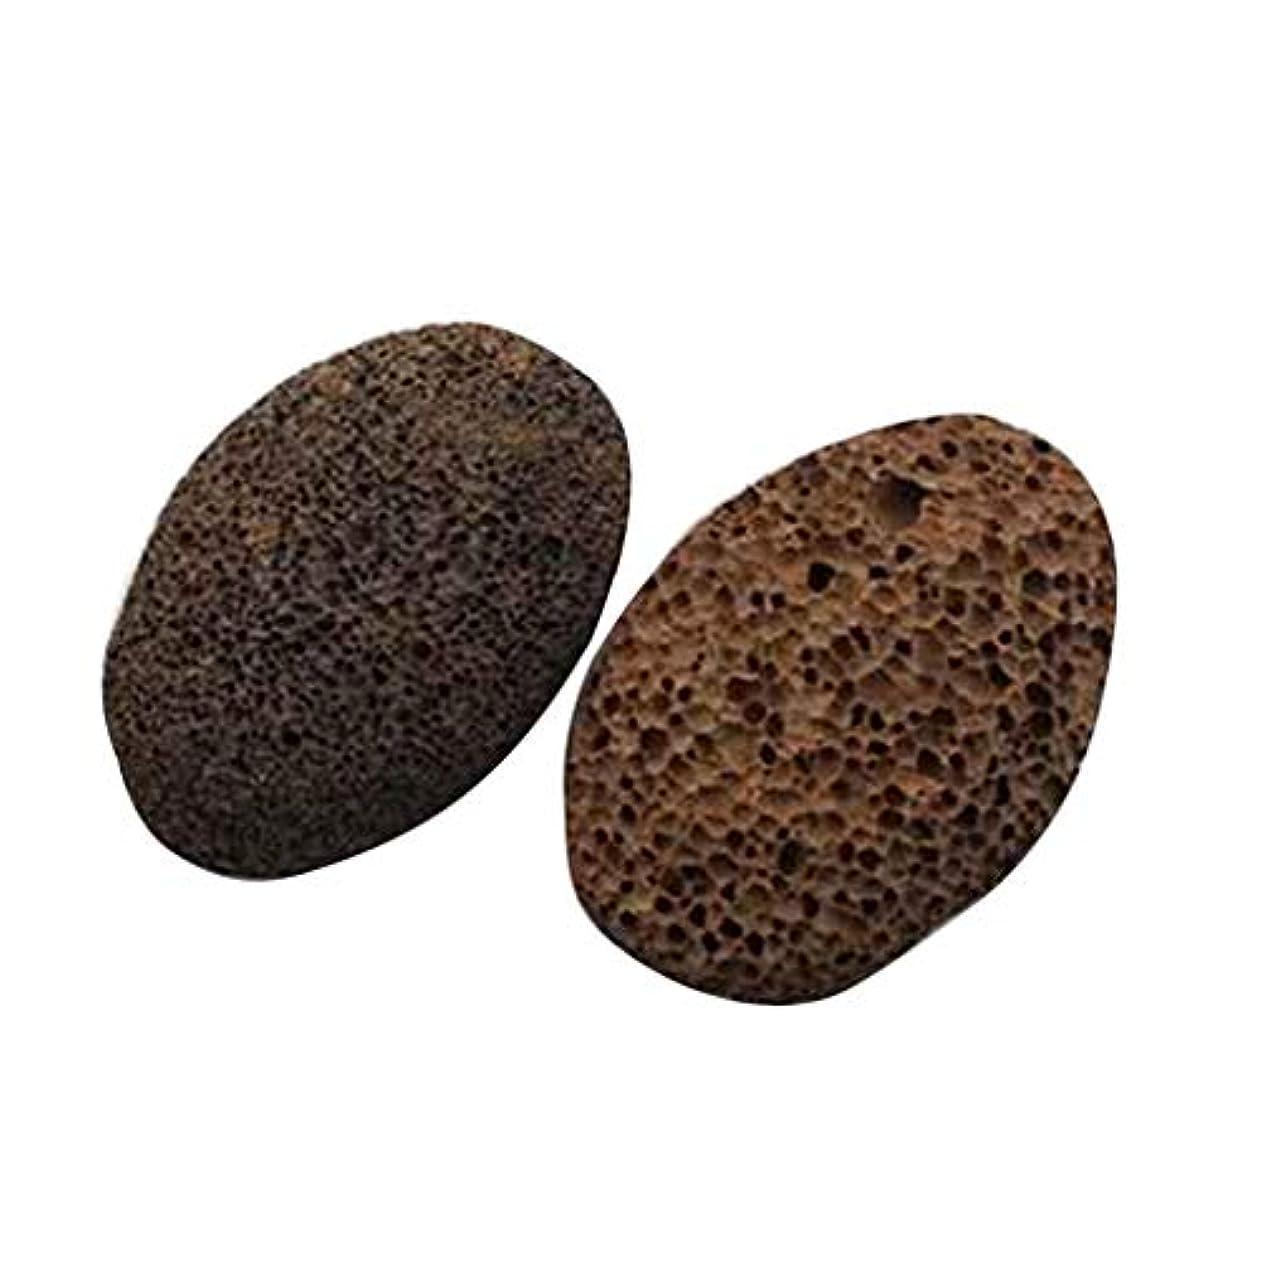 と闘うすぐにアブストラクトNerhaily 死んだ皮軽石を取り除き 足石を挽いて 自然の火山石を剥がします 足マッサージ石 ワイプ足石 2個セット